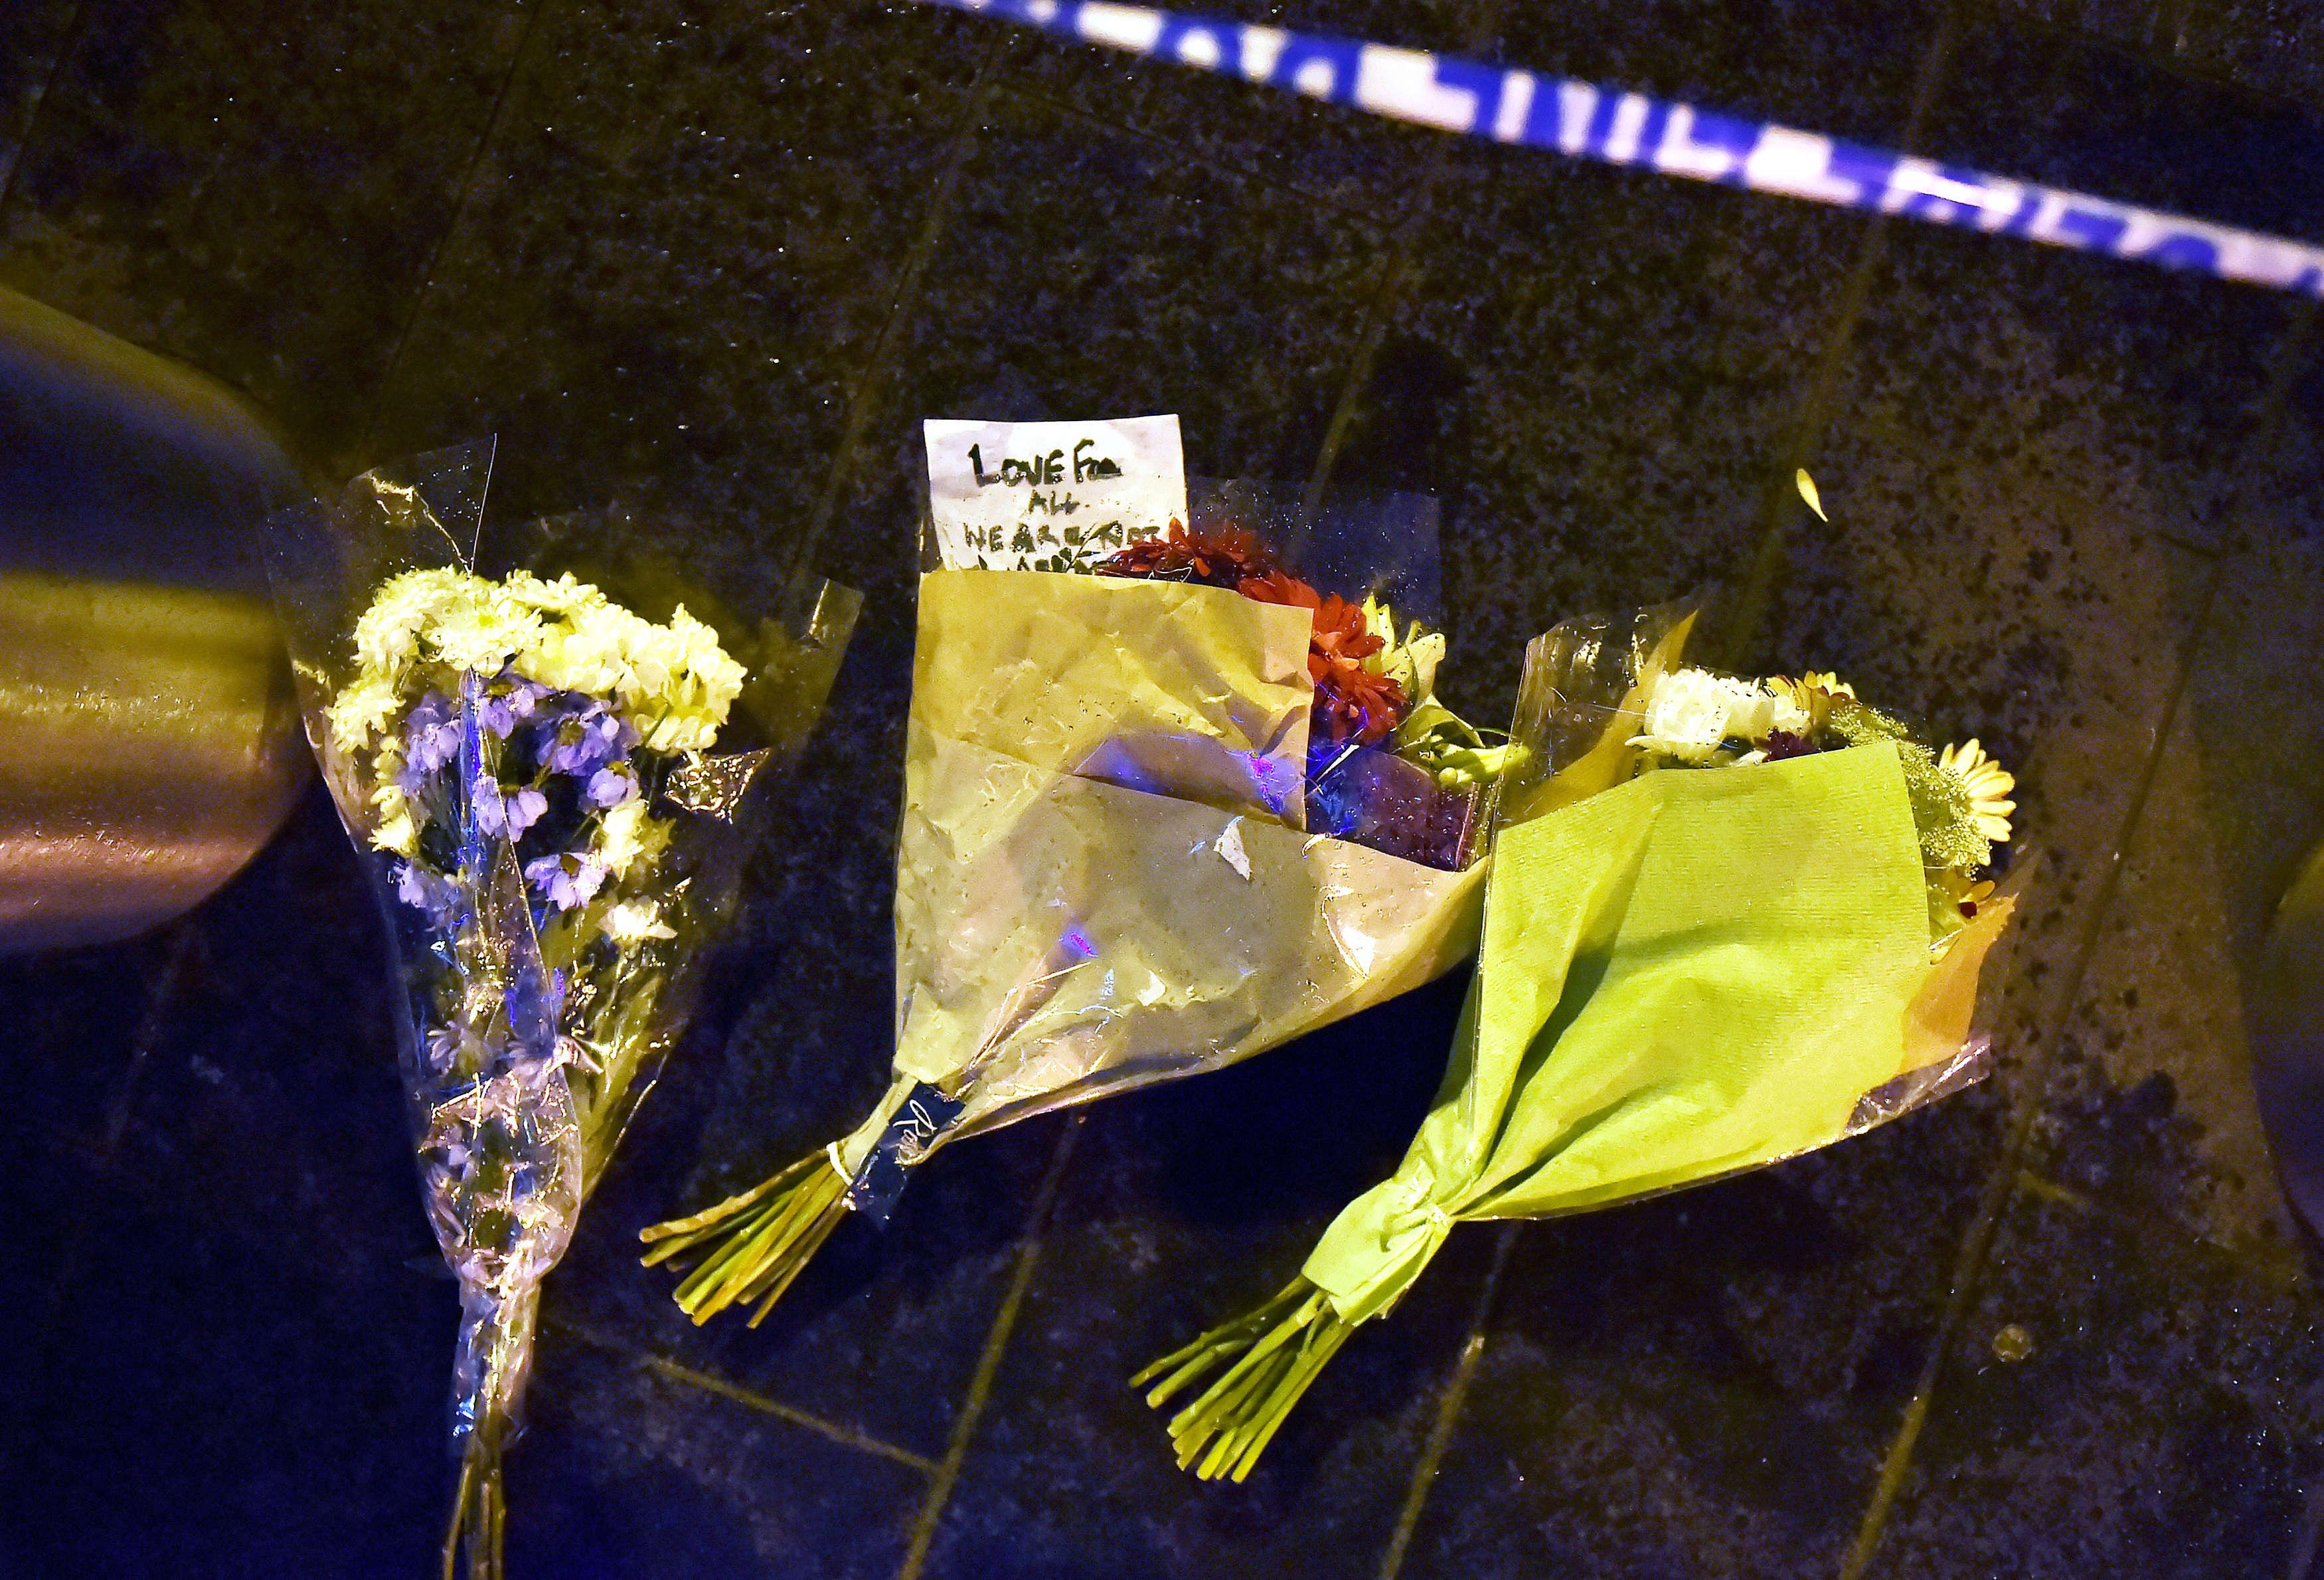 Hommages aux victimes sur le pont de Westminster, le 22 mars.